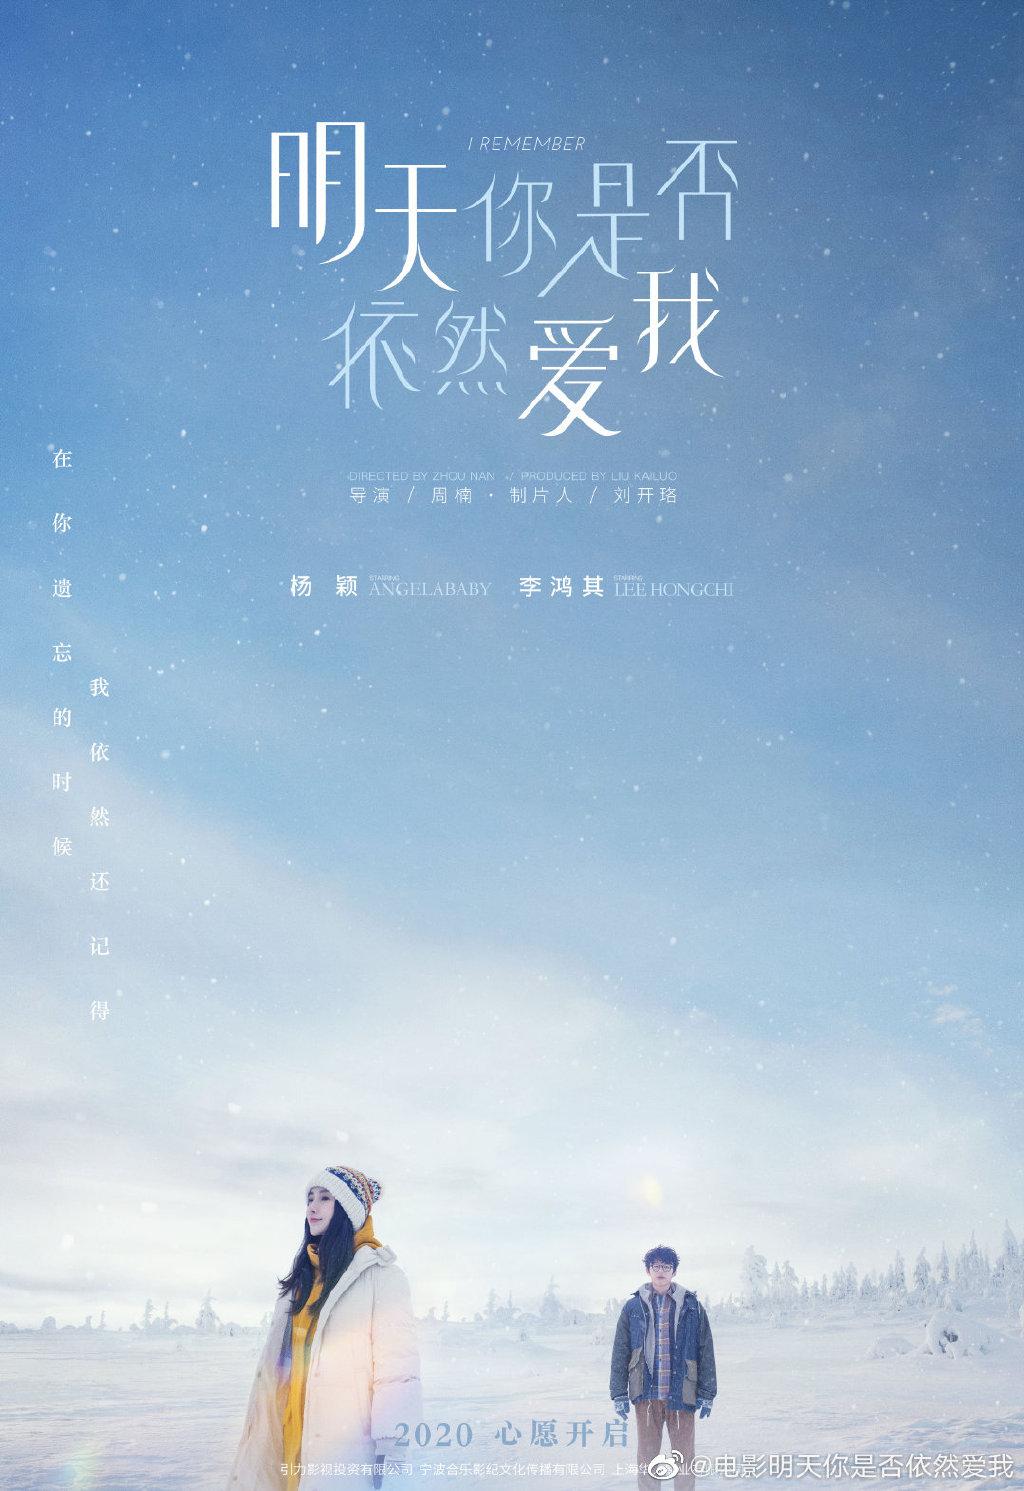 李鸿其新片合作杨颖,《明天你是否依然爱我》取景芬兰图片